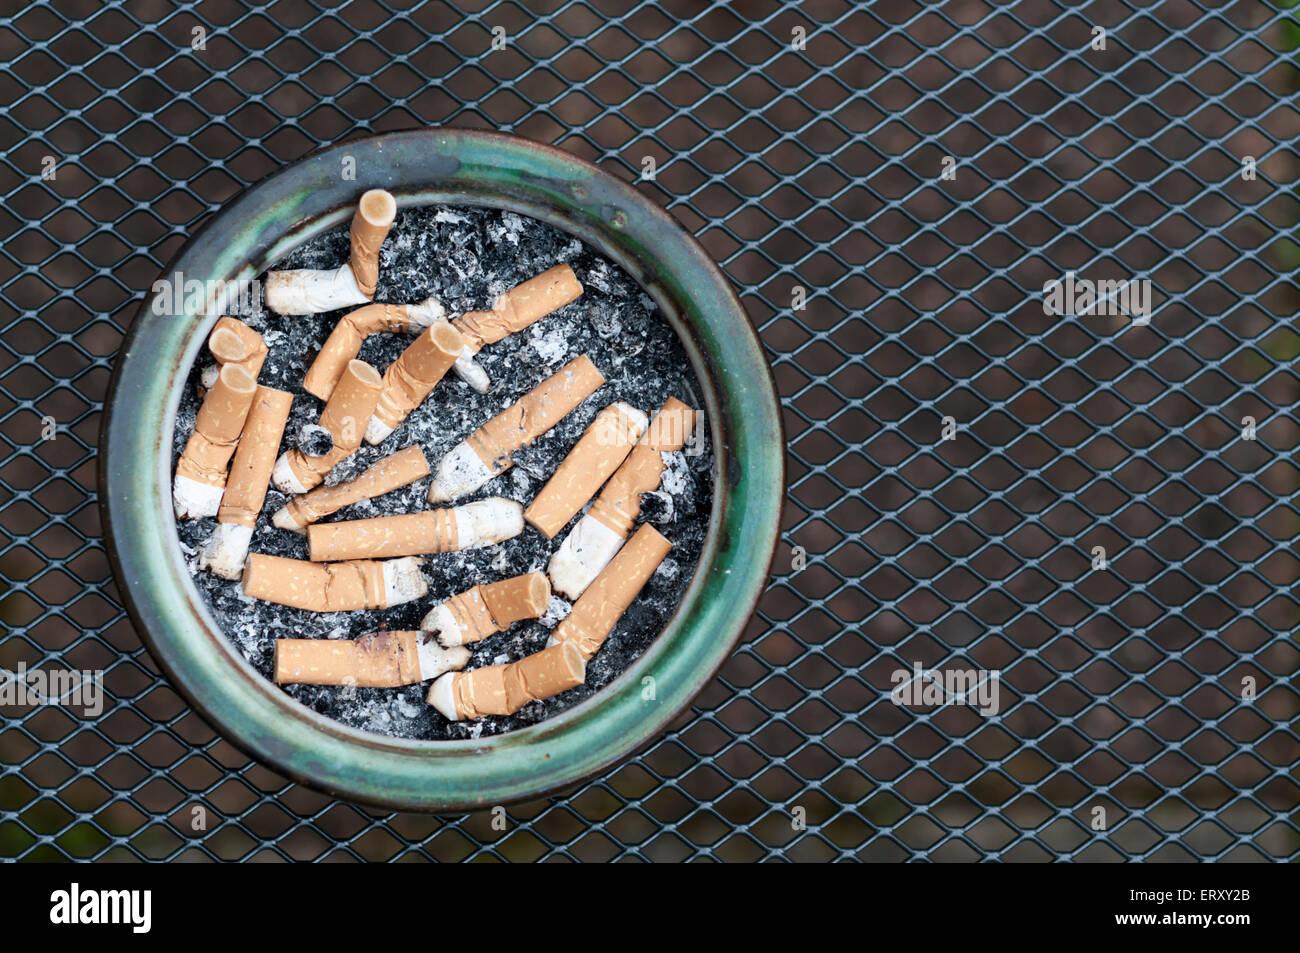 Aschenbecher voller Zigarettenstummel auf einem Draht Gitter Tisch ...